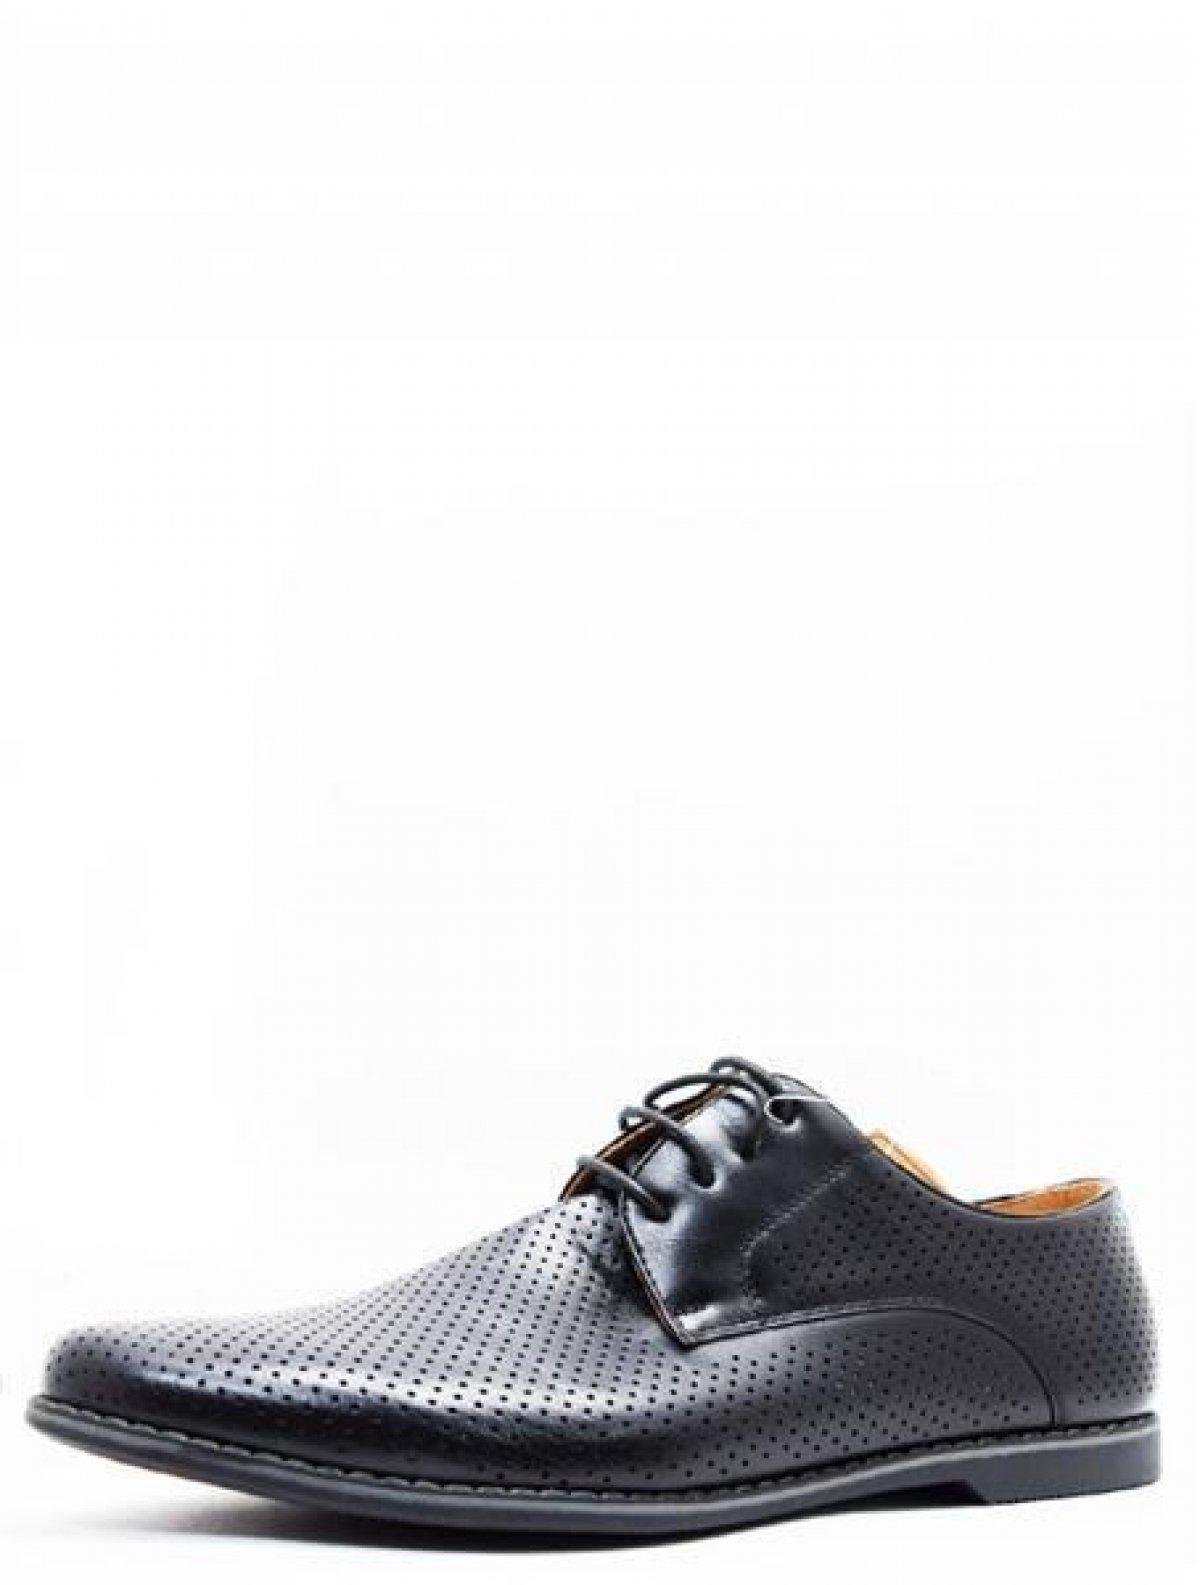 167012/01-01 мужские туфли